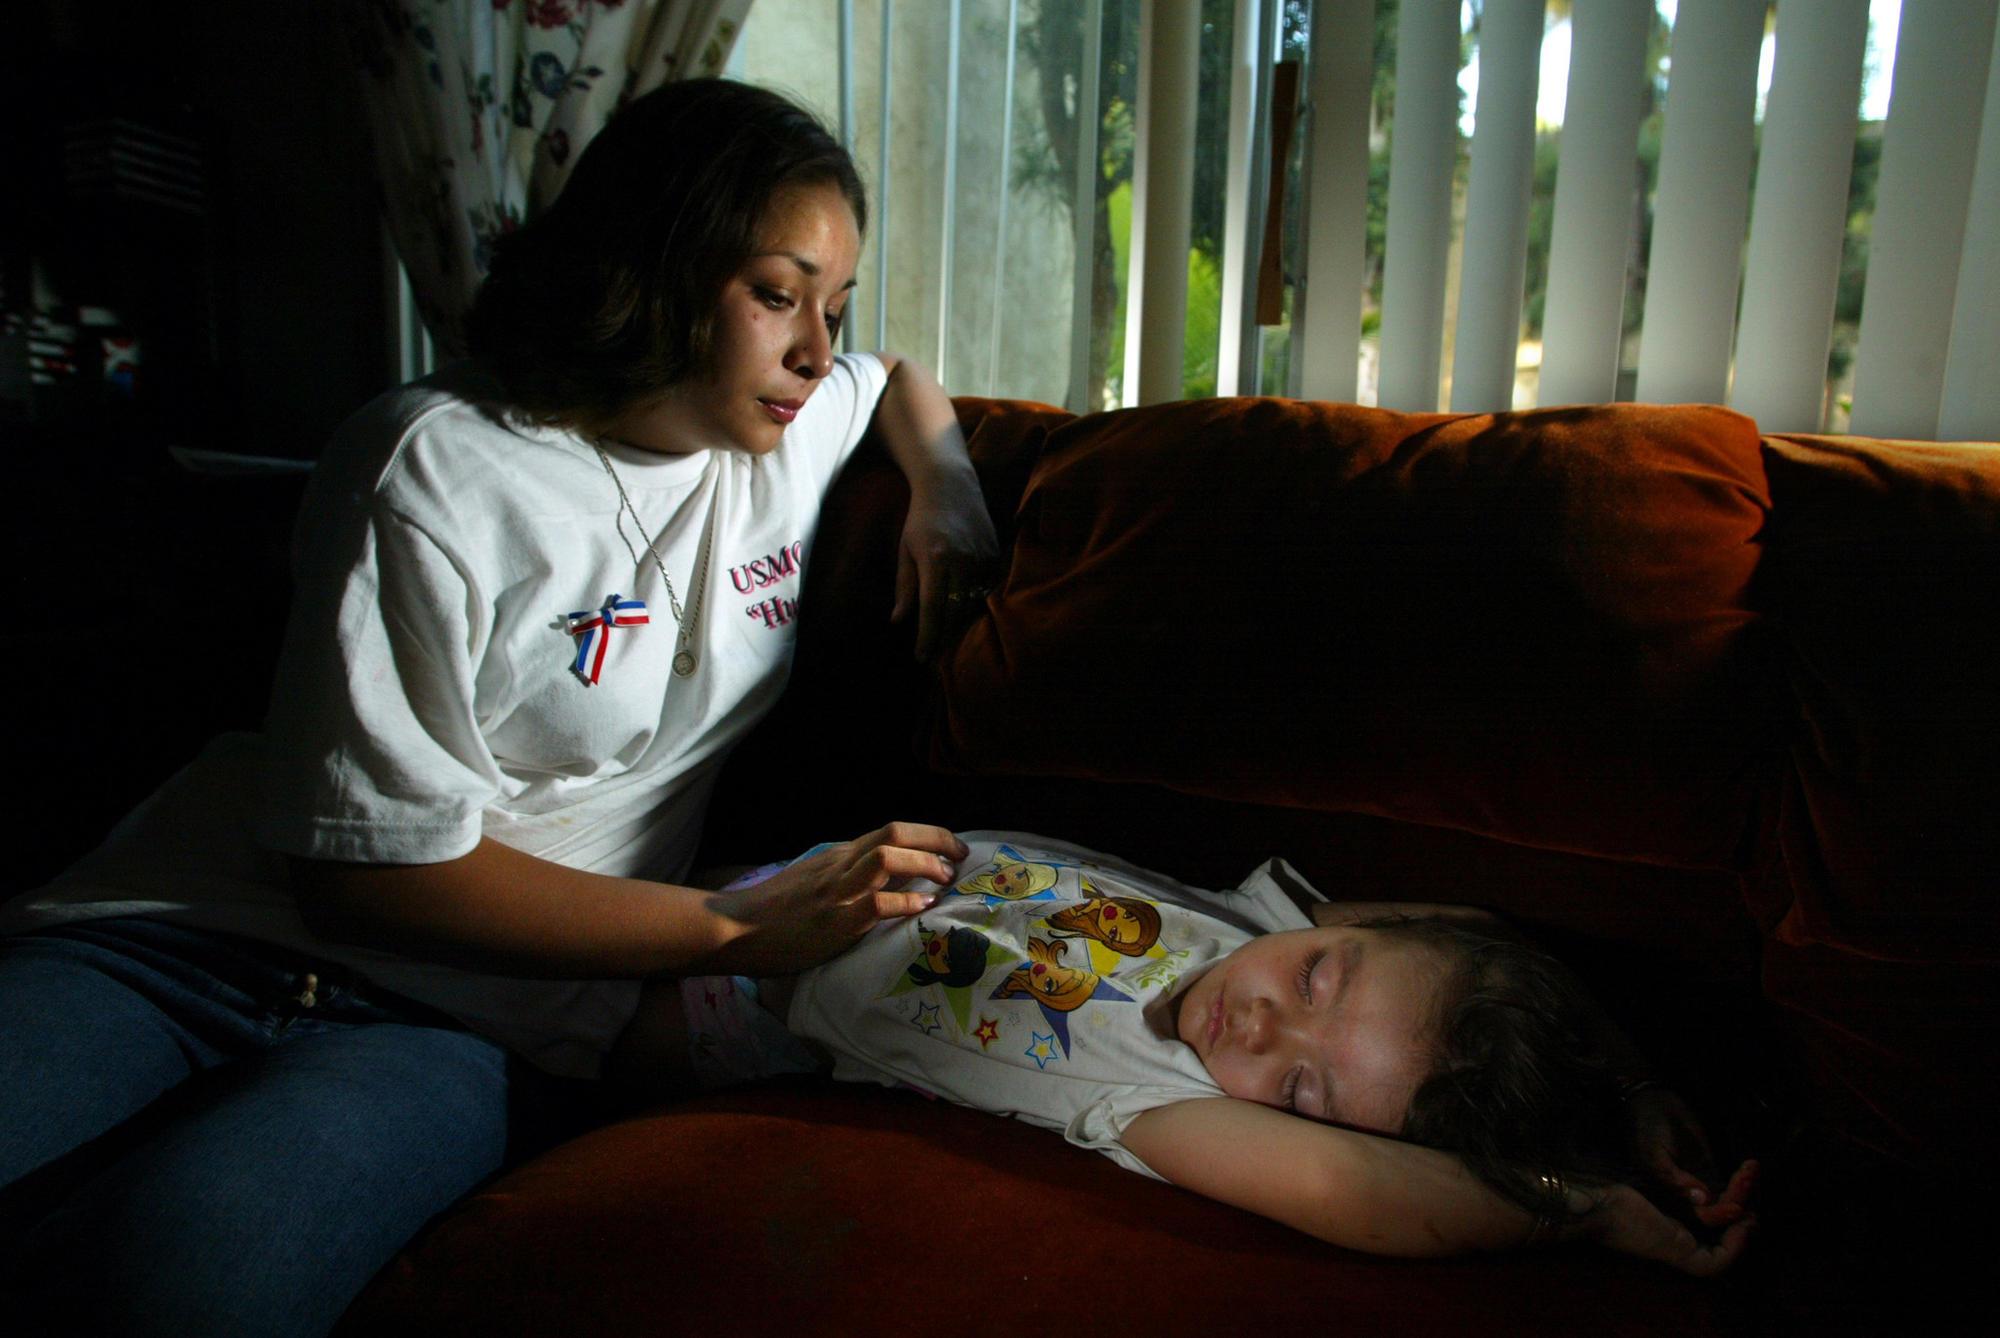 Ivonne Gonzalez, 18, widow of Jesus Gonzalez, in her Escondido apartment with their daughter Delilah, 2.